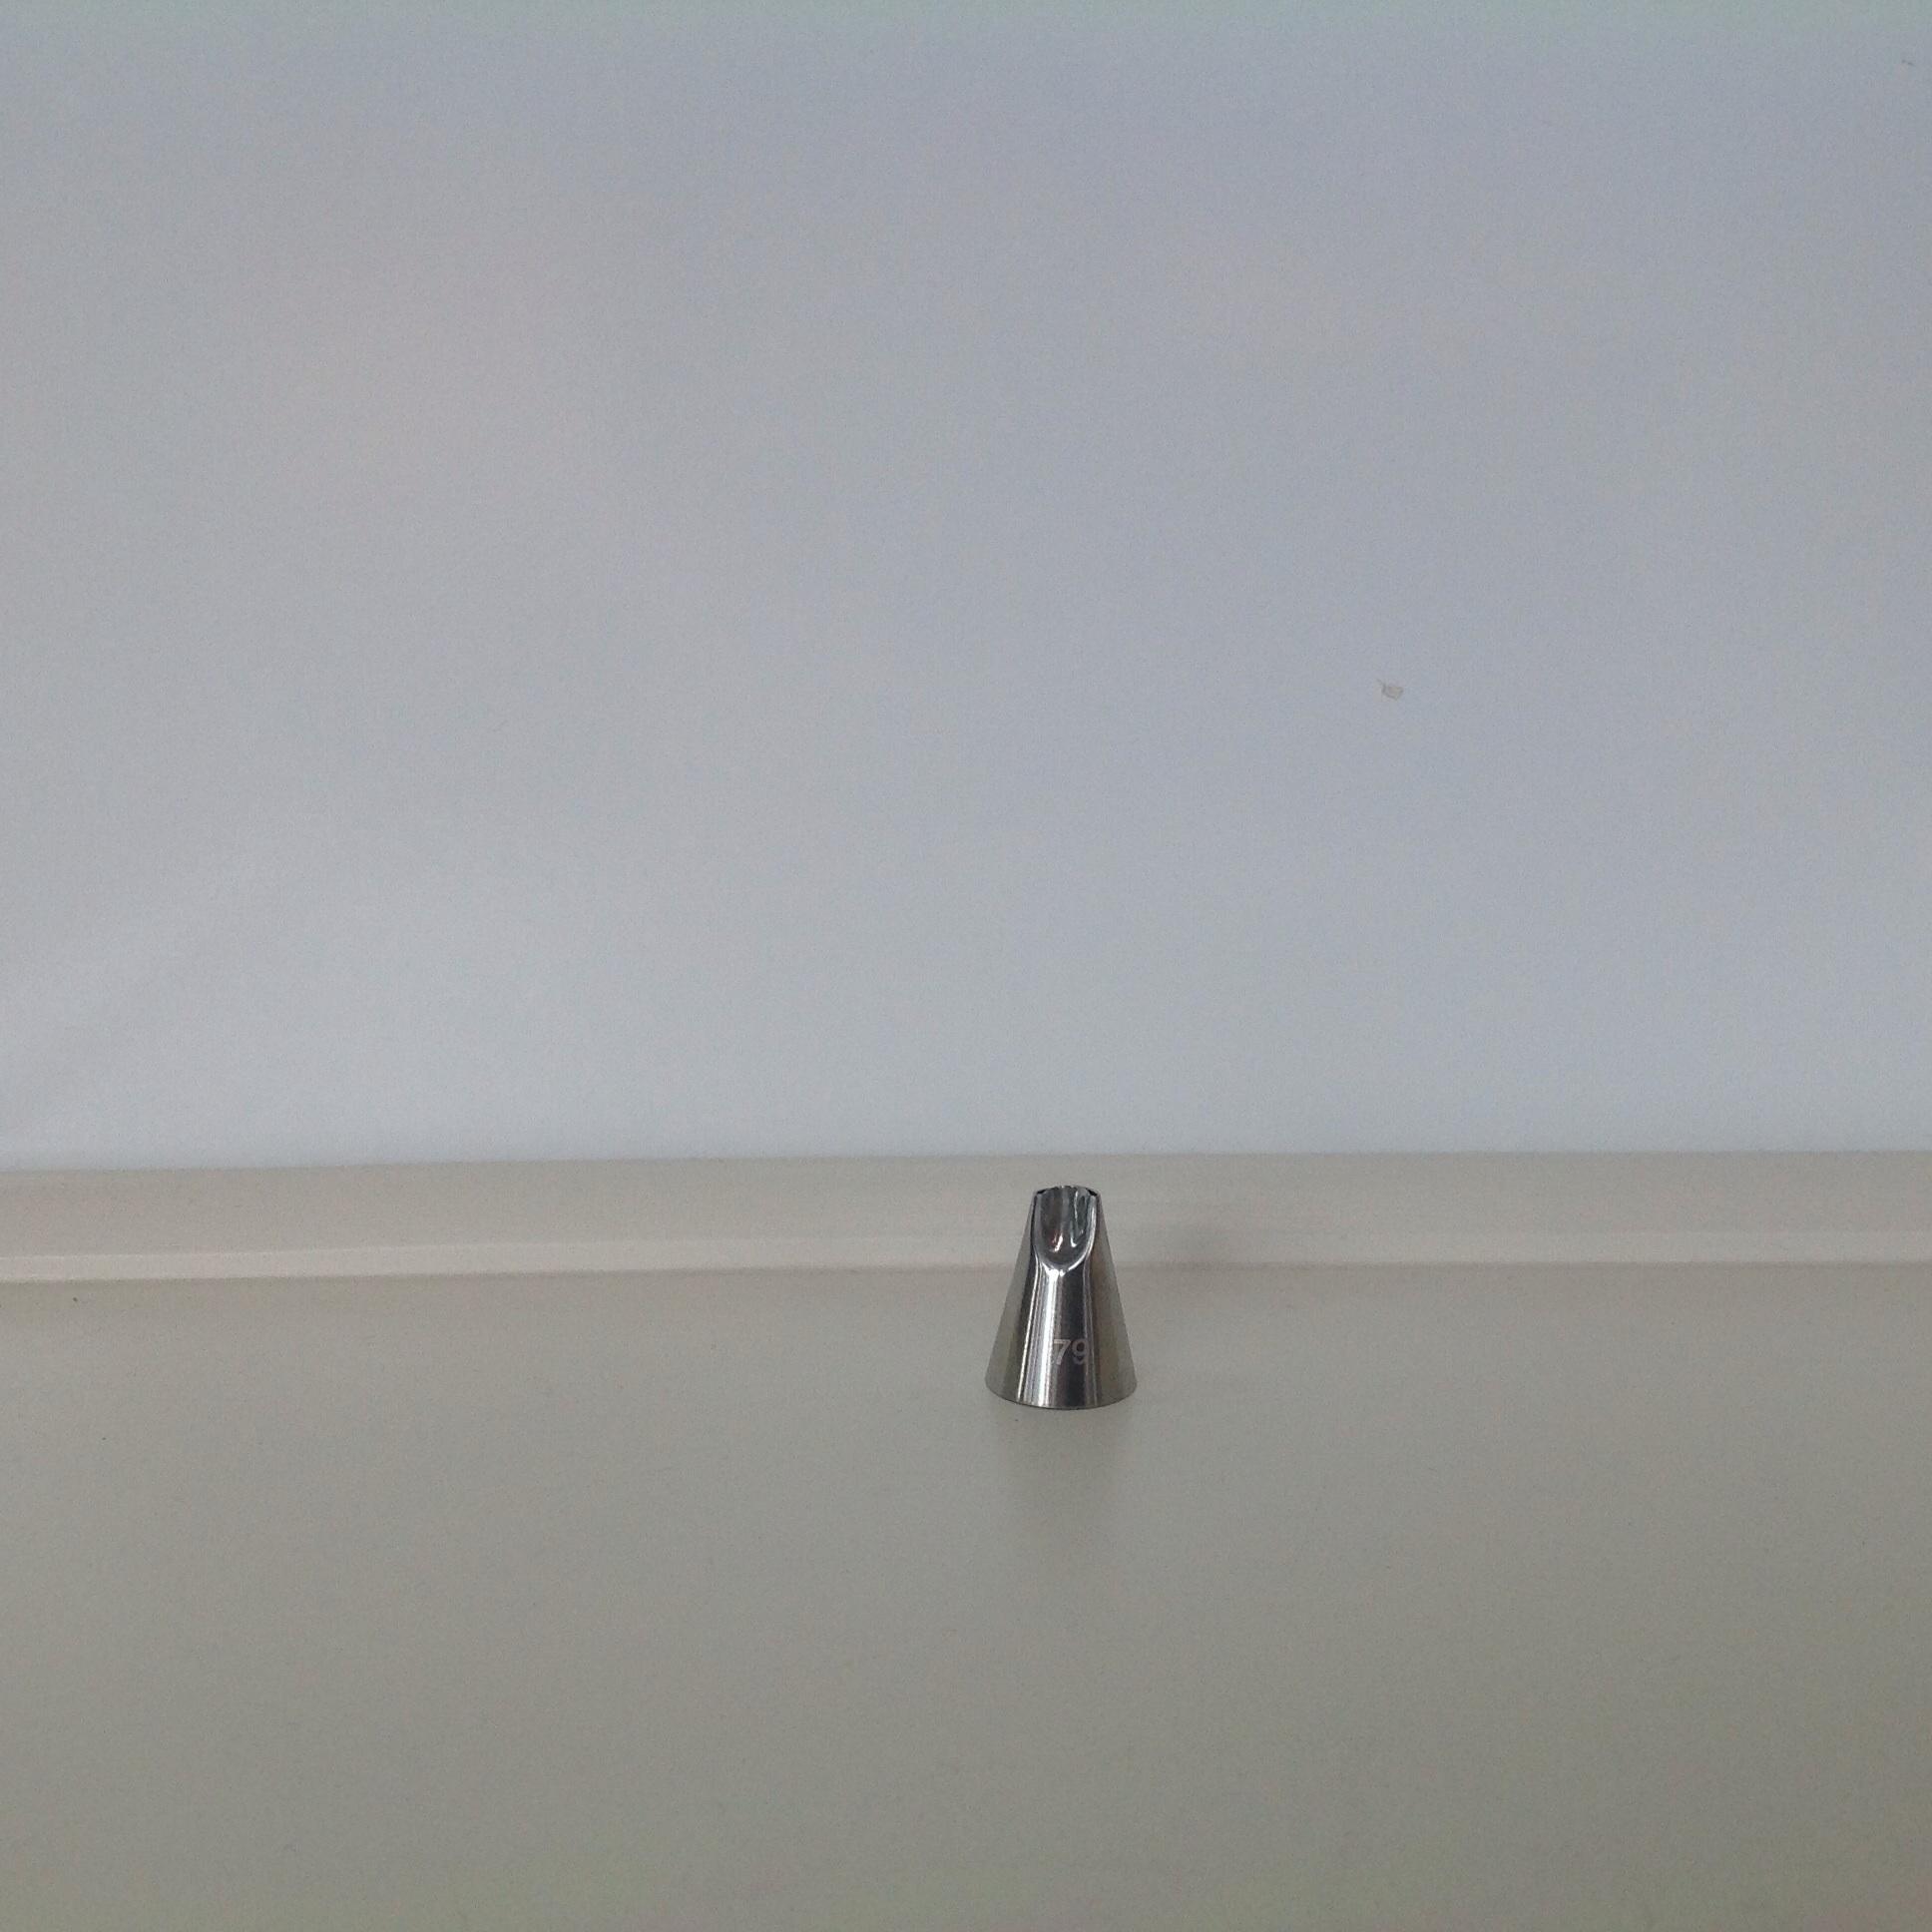 หัวบีบอันเล็ก 23x7 mm 79 cn